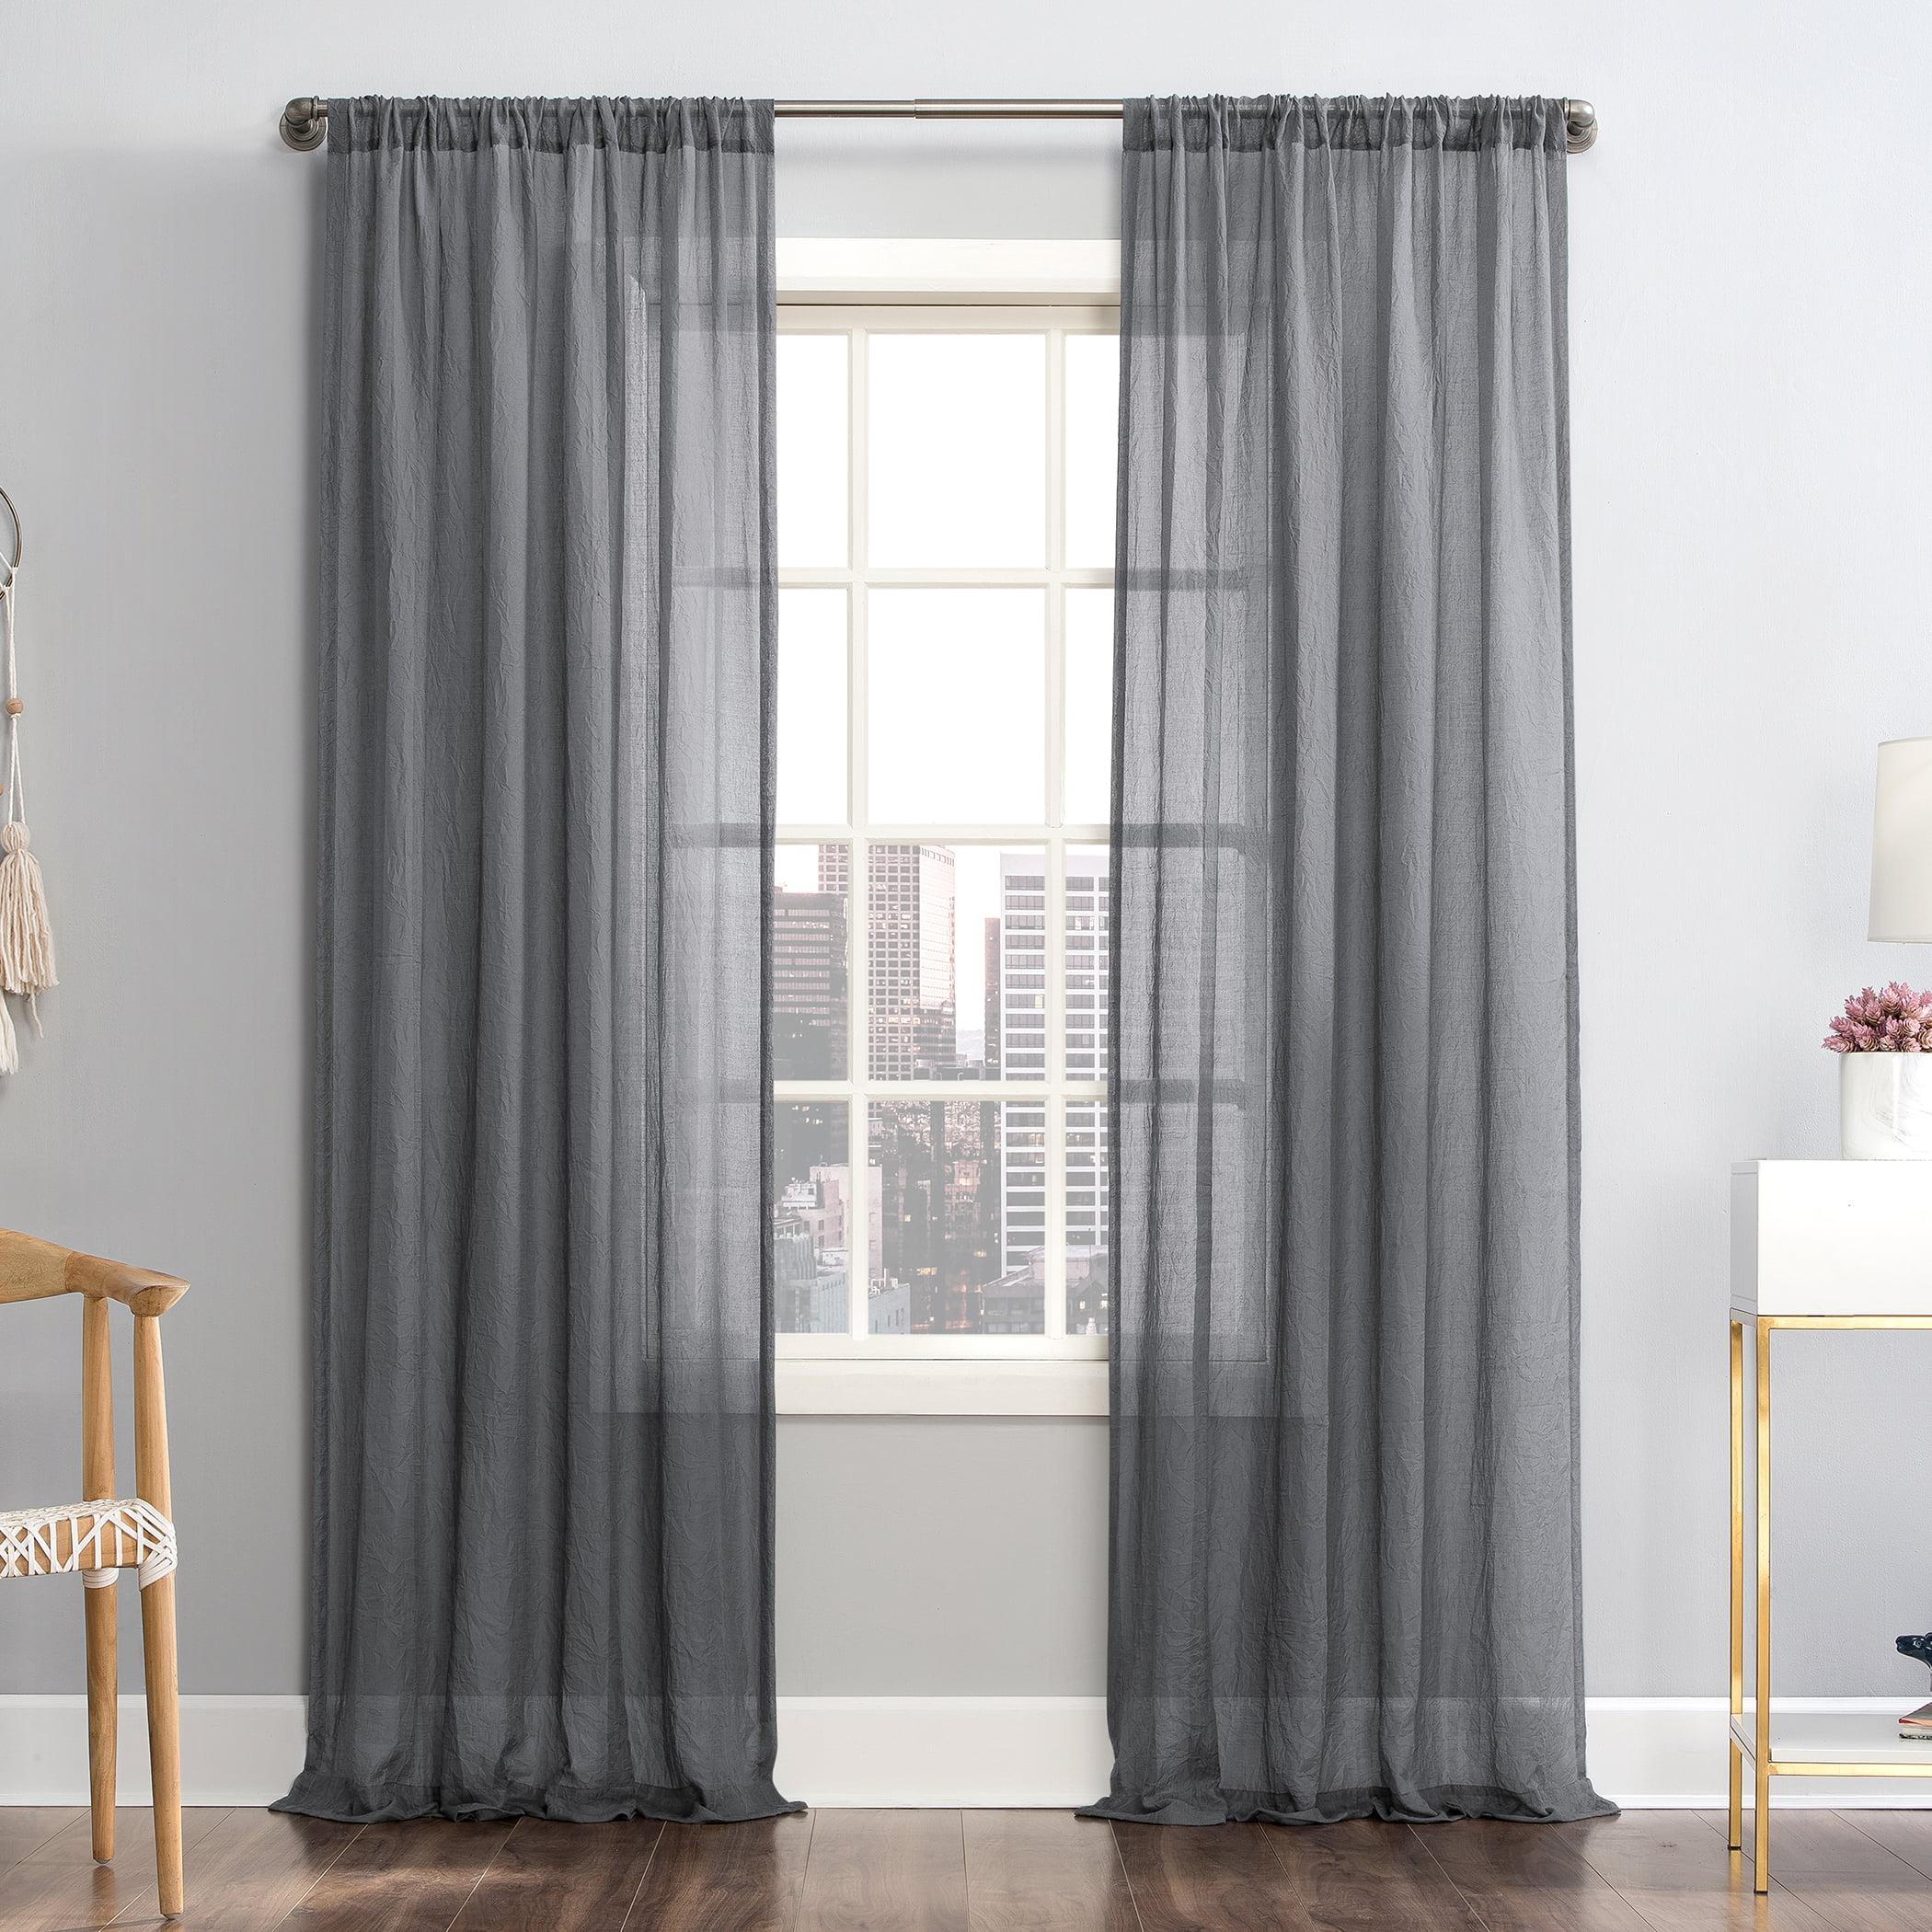 mainstays linen textured semi sheer rod pocket curtain panel